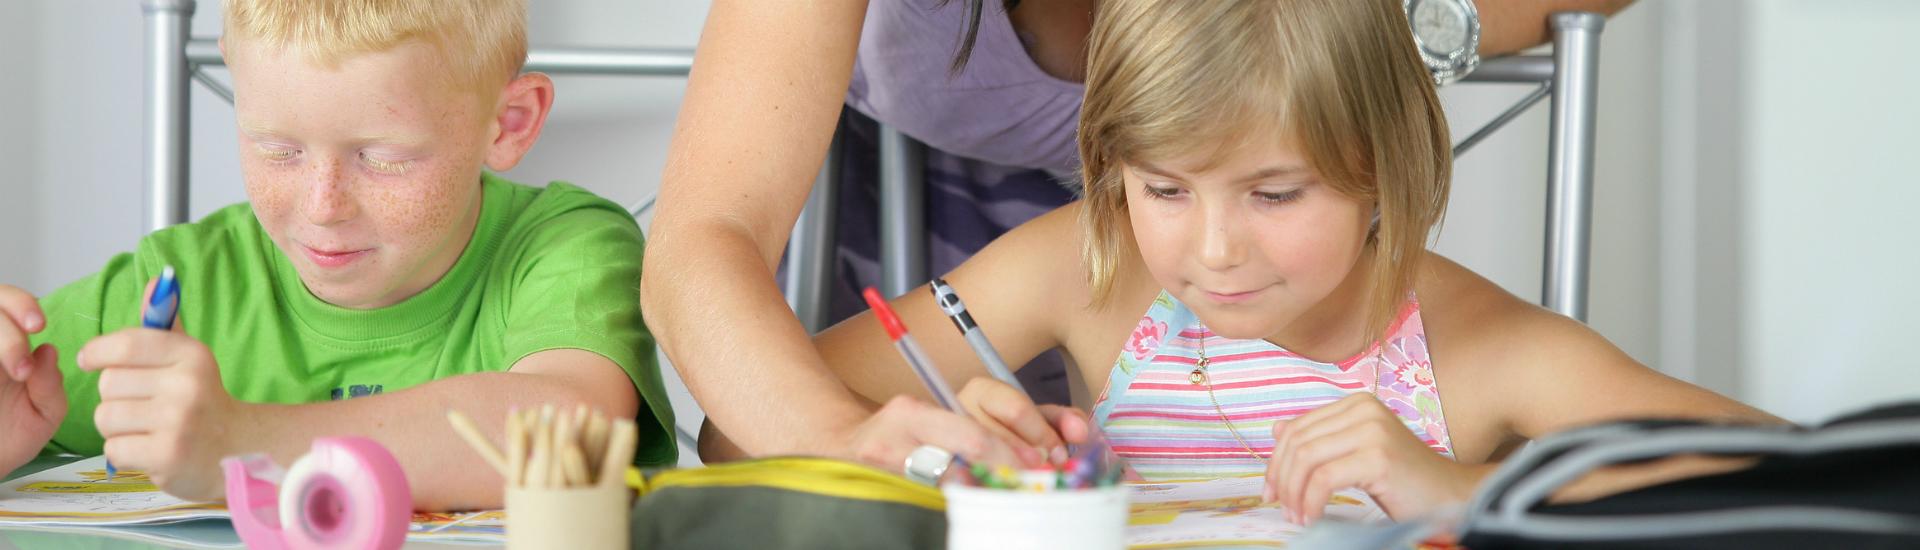 Aide aux devoirs - soutien scolaire